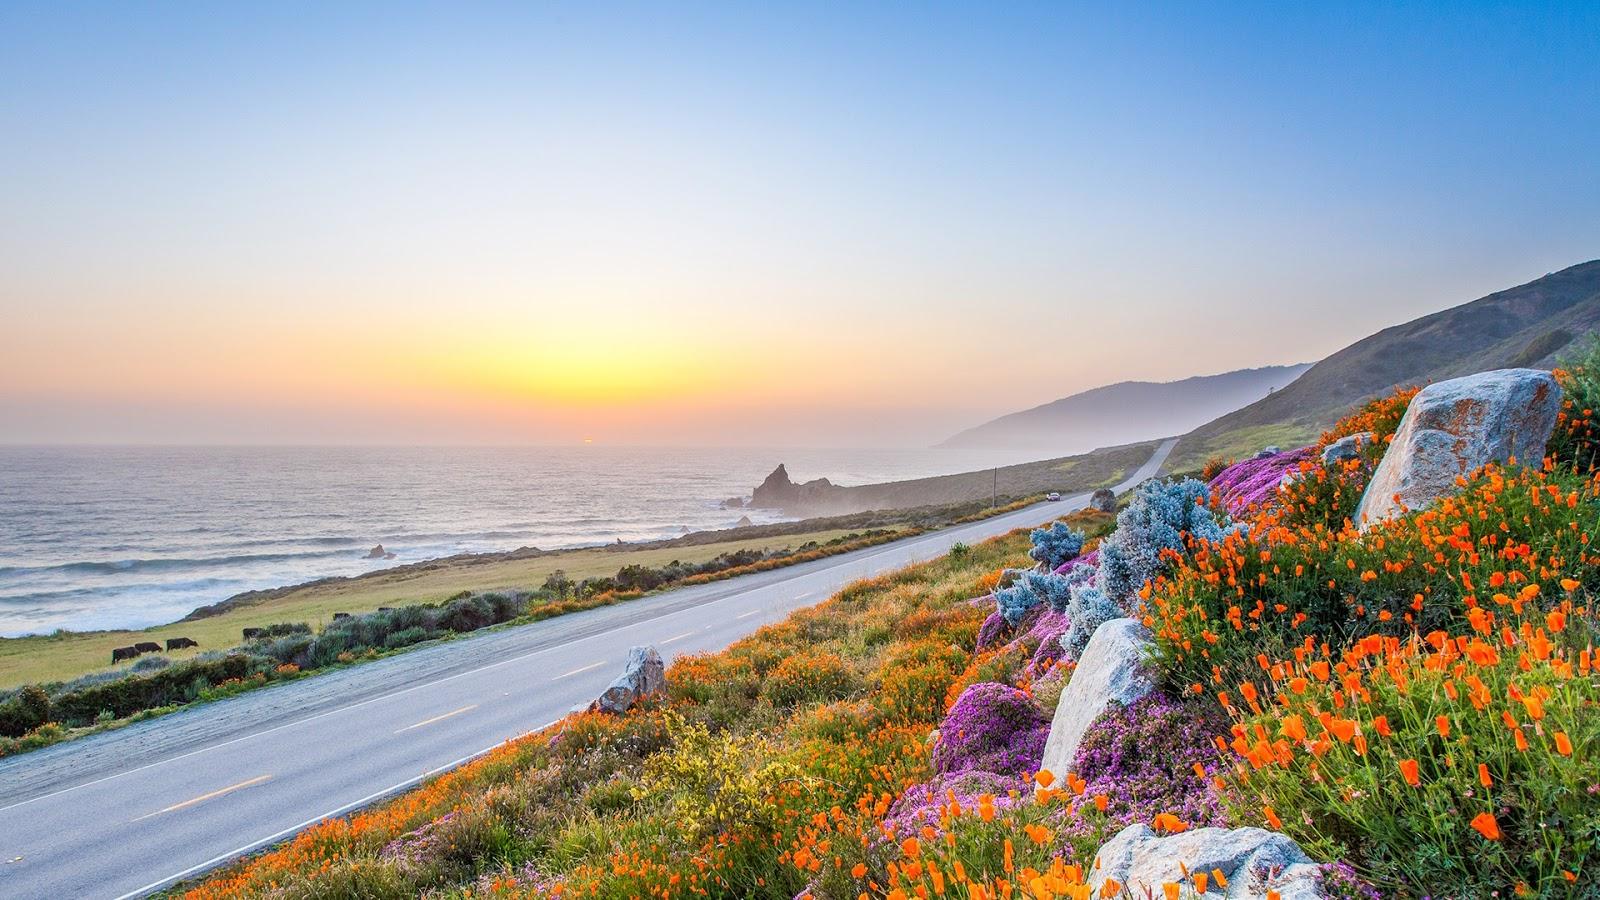 California có khí hậu ôn hòa và nắng ấm cùng bờ biển chạy dài dọc theo Thái Bình Dương